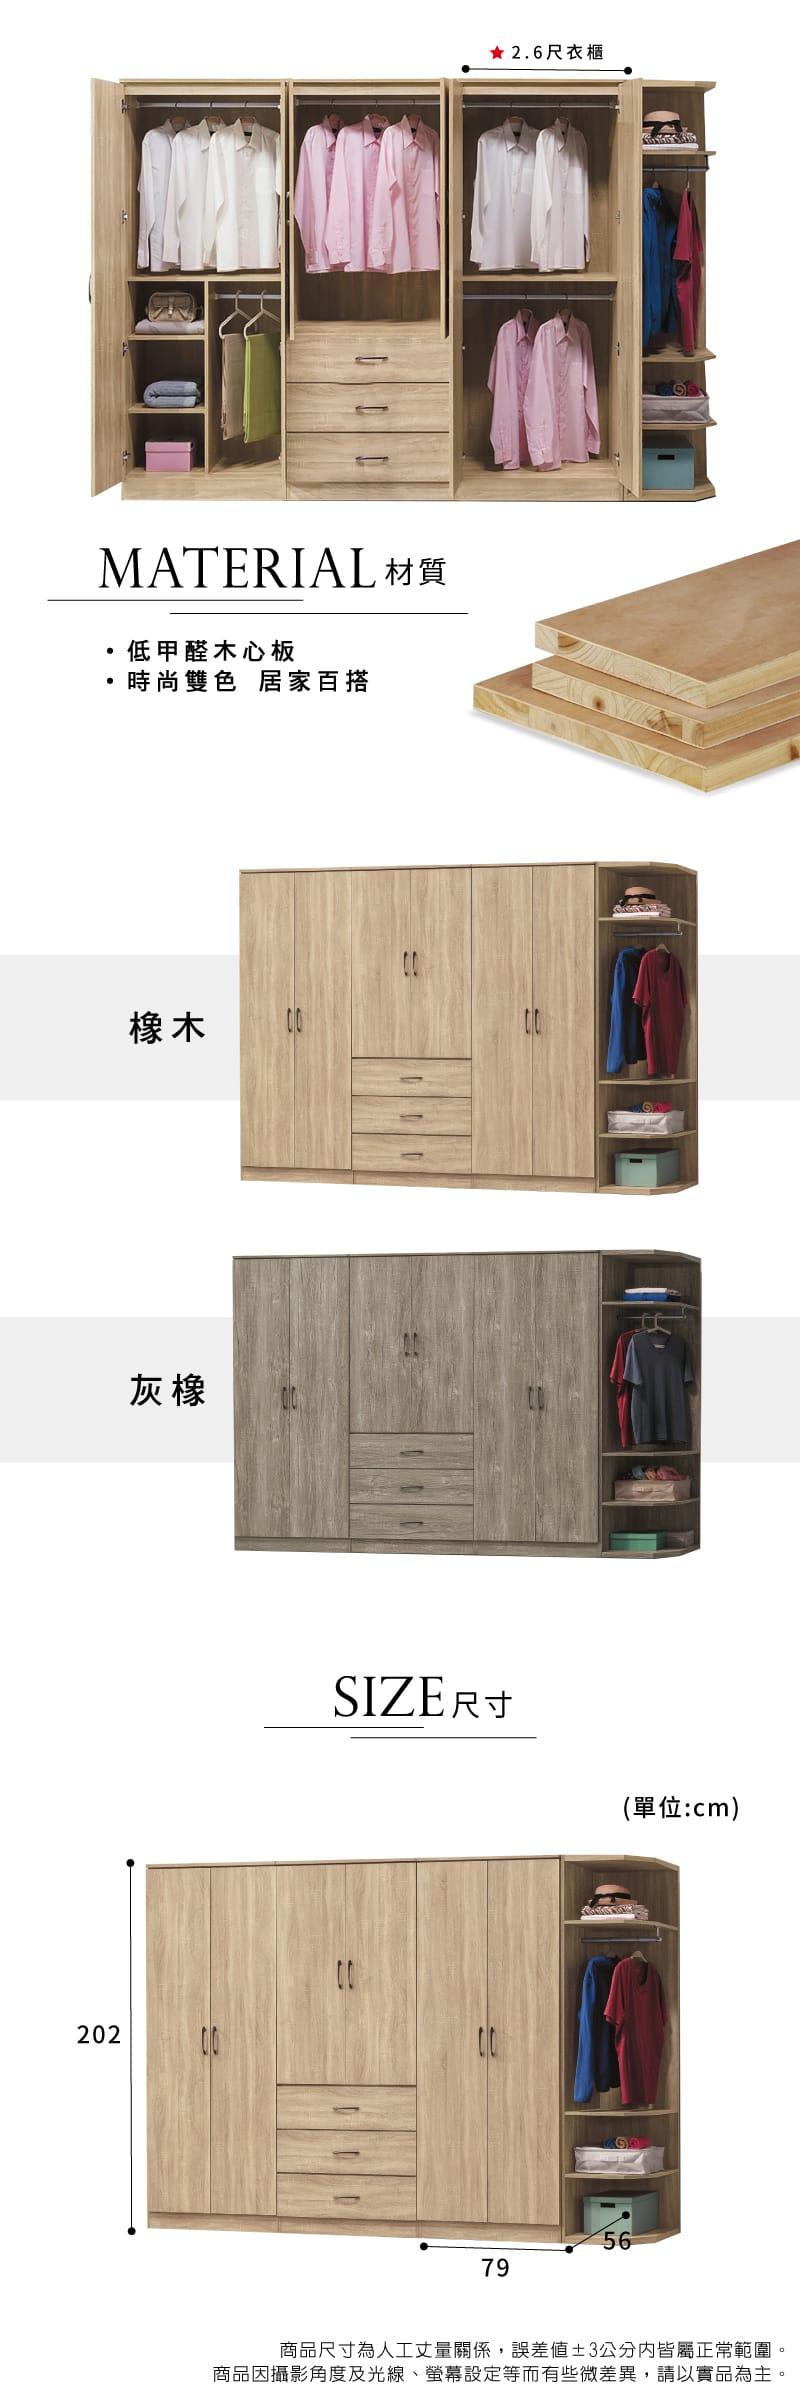 拉門收納置物衣櫃 寬79cm【瓦勒】